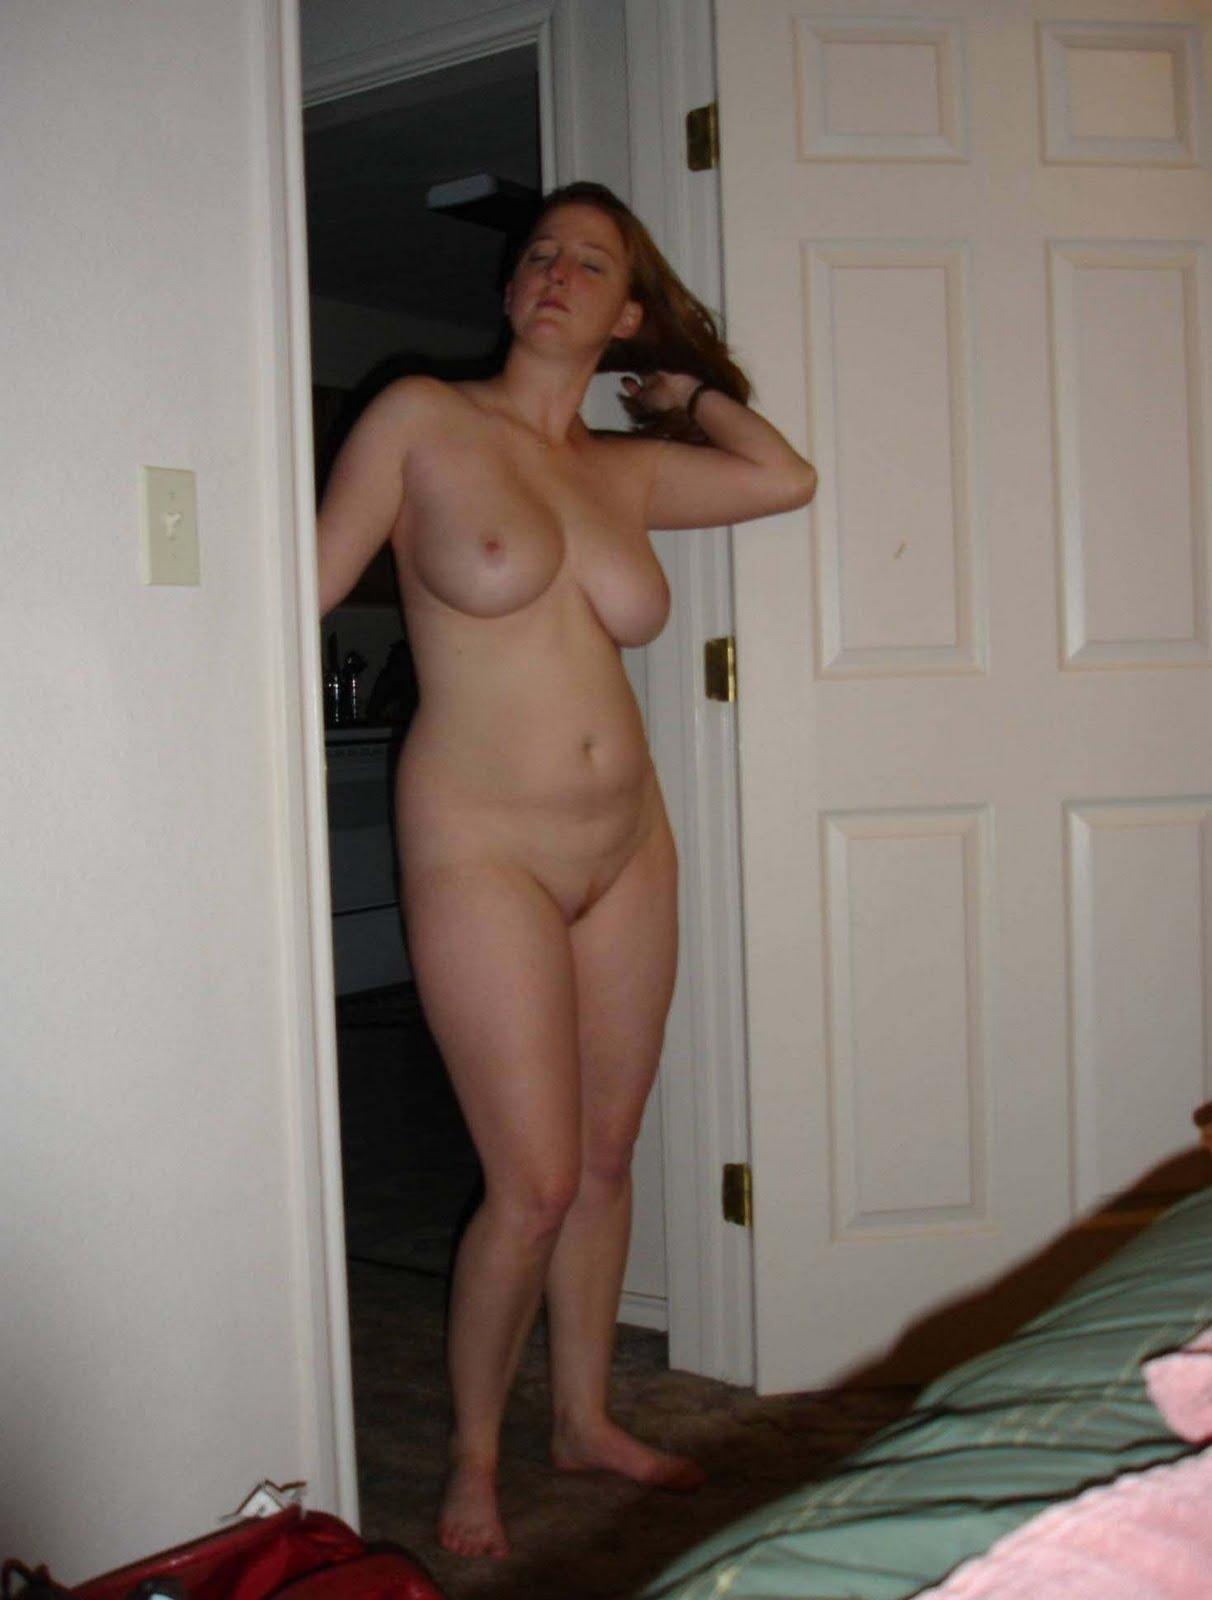 sexy kvinner snapchat nakenbilderrge